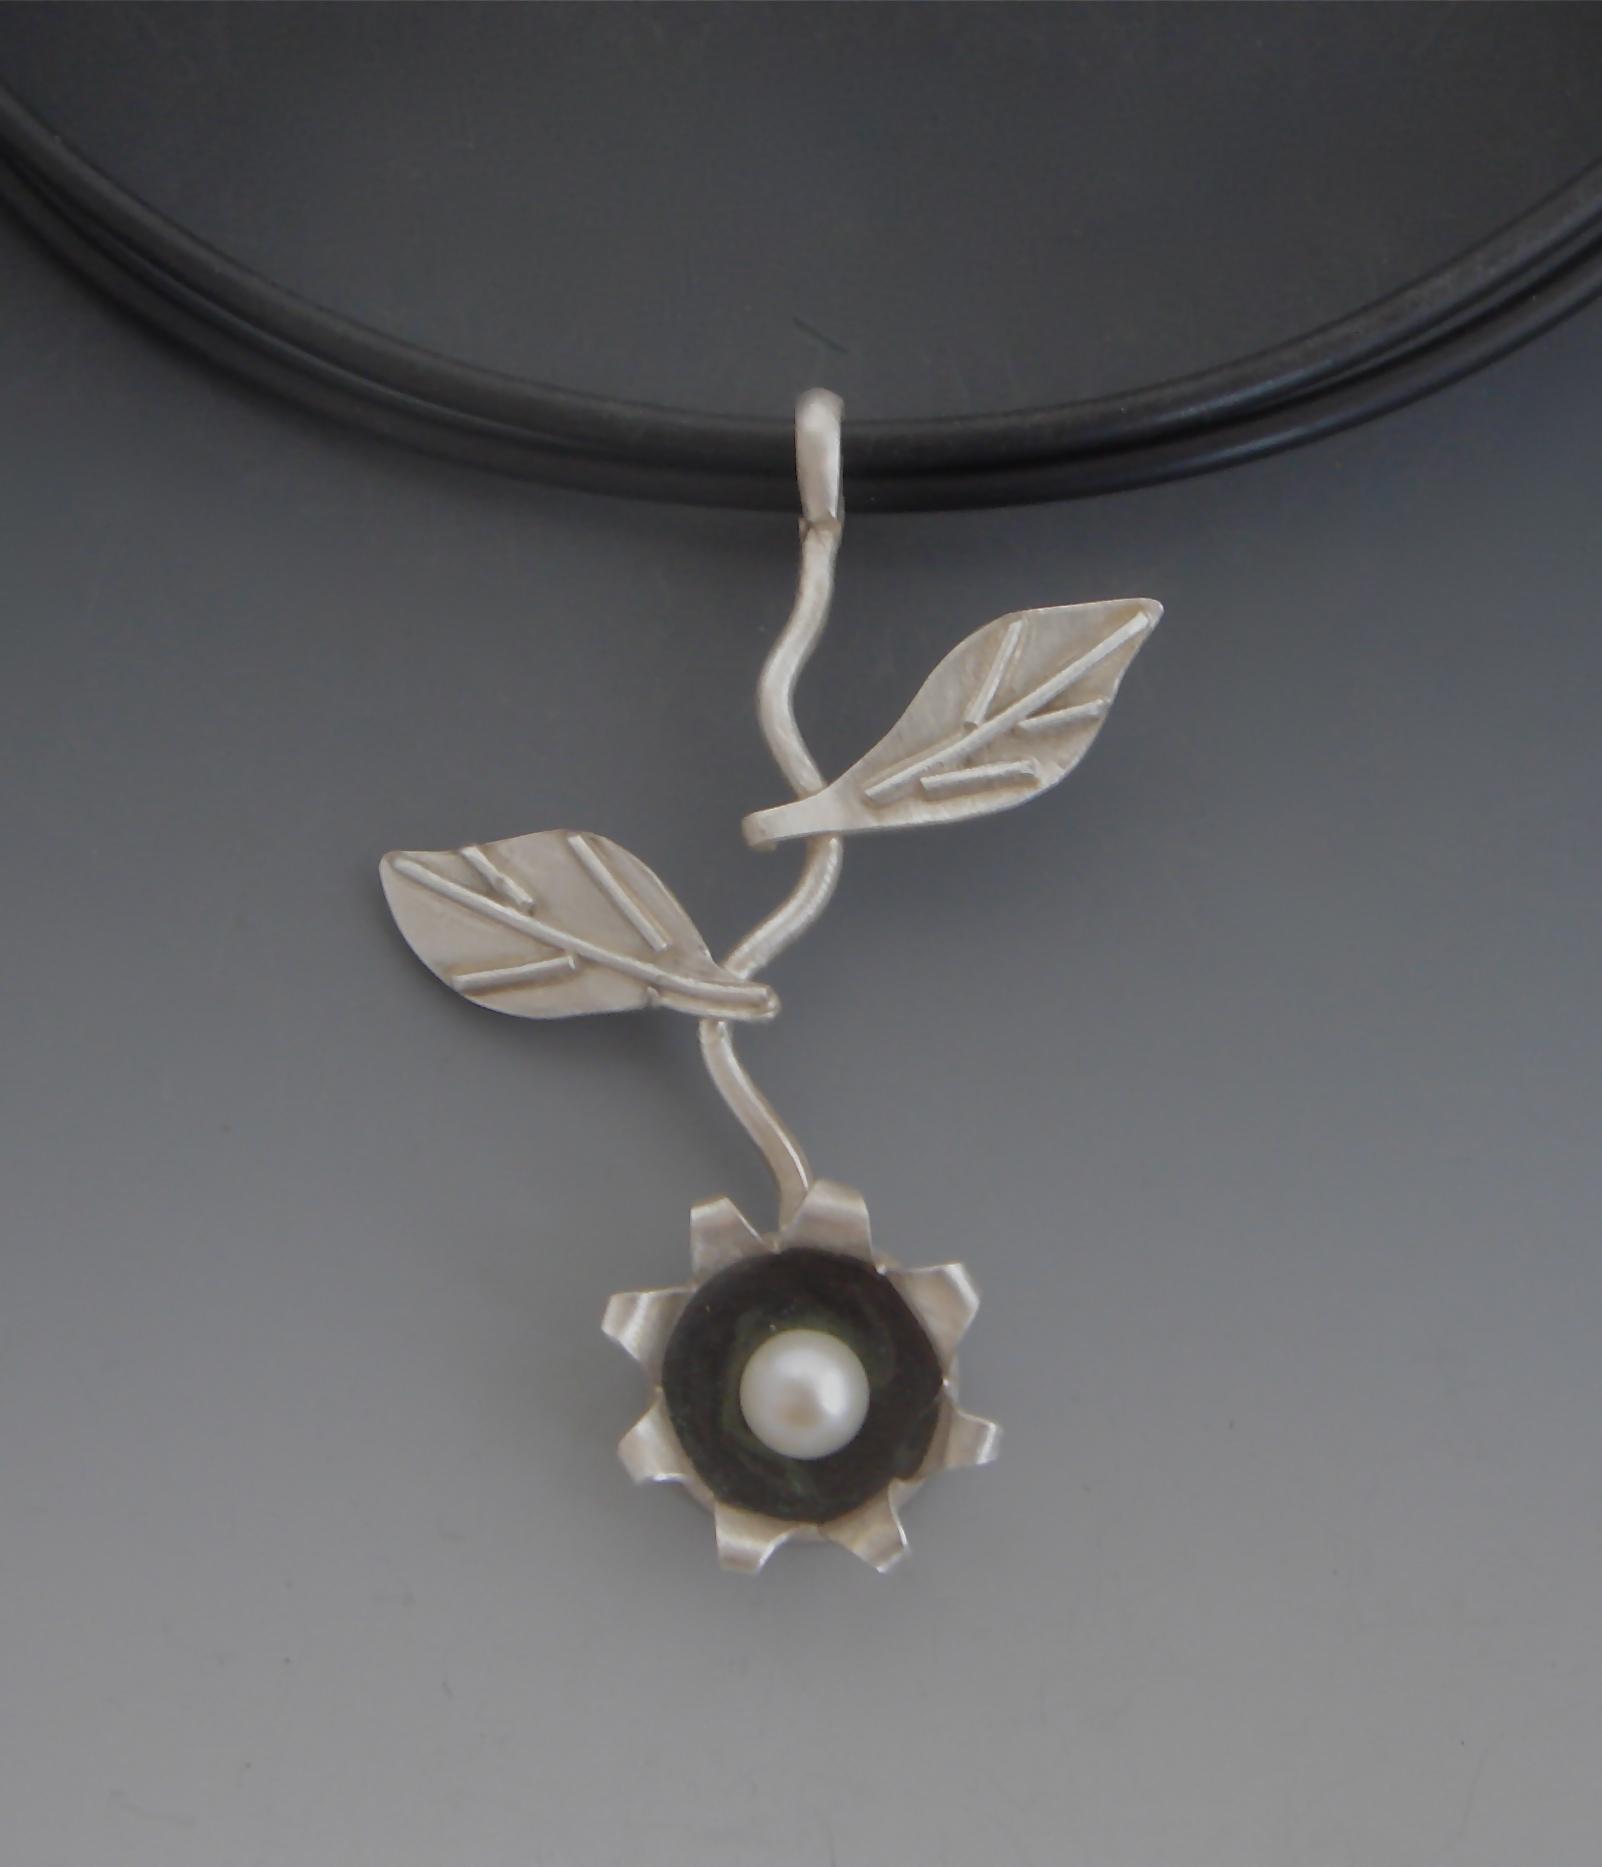 Bloom Sterling Silver, Freshwater Pearl, Neoprene $235